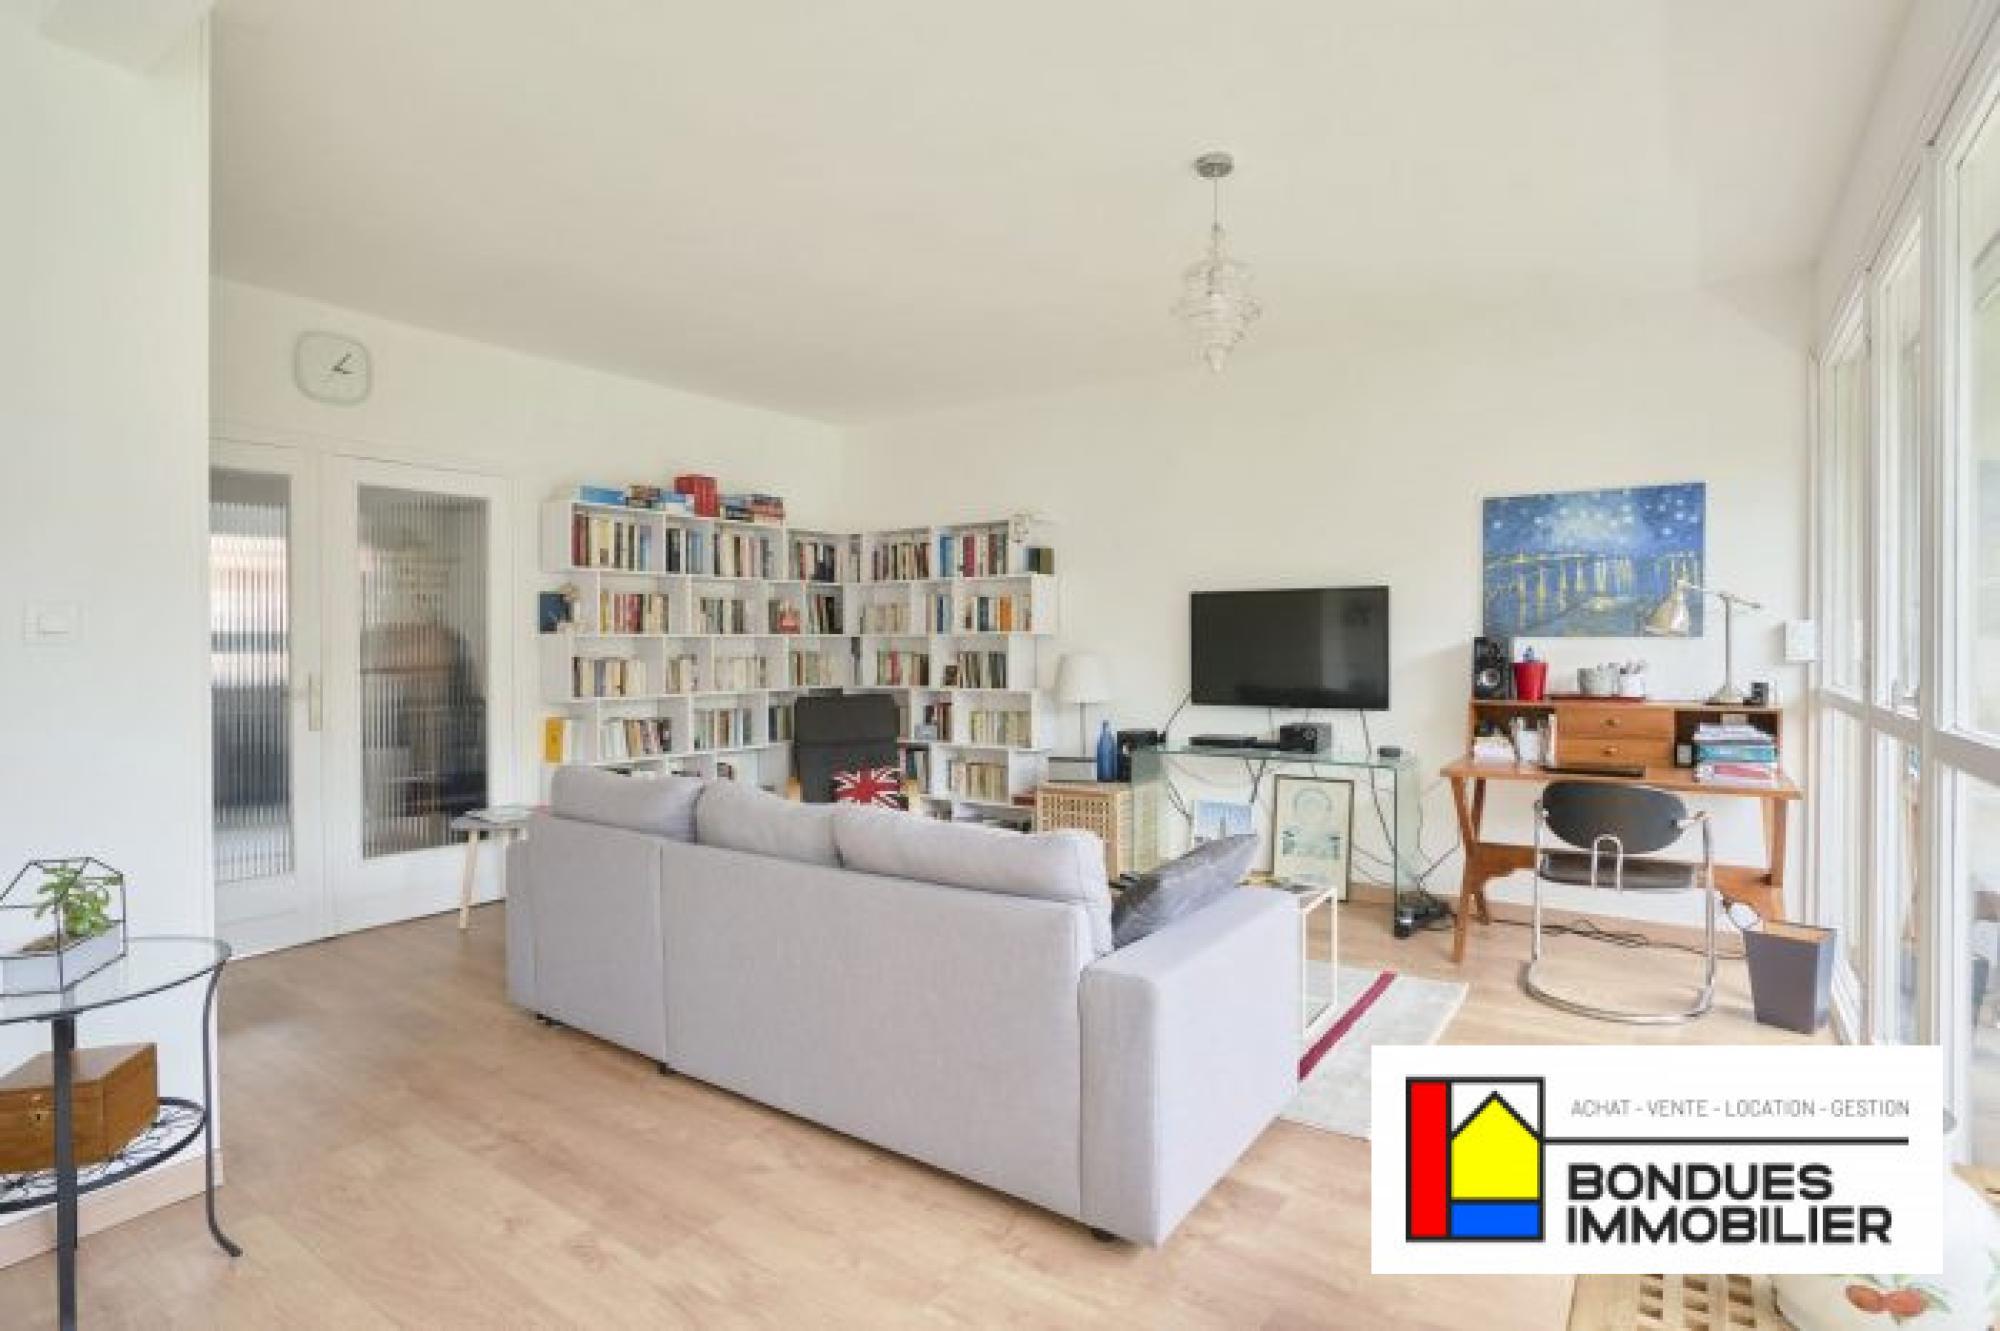 vente appartement marcq en barœul refVA2138 (4)